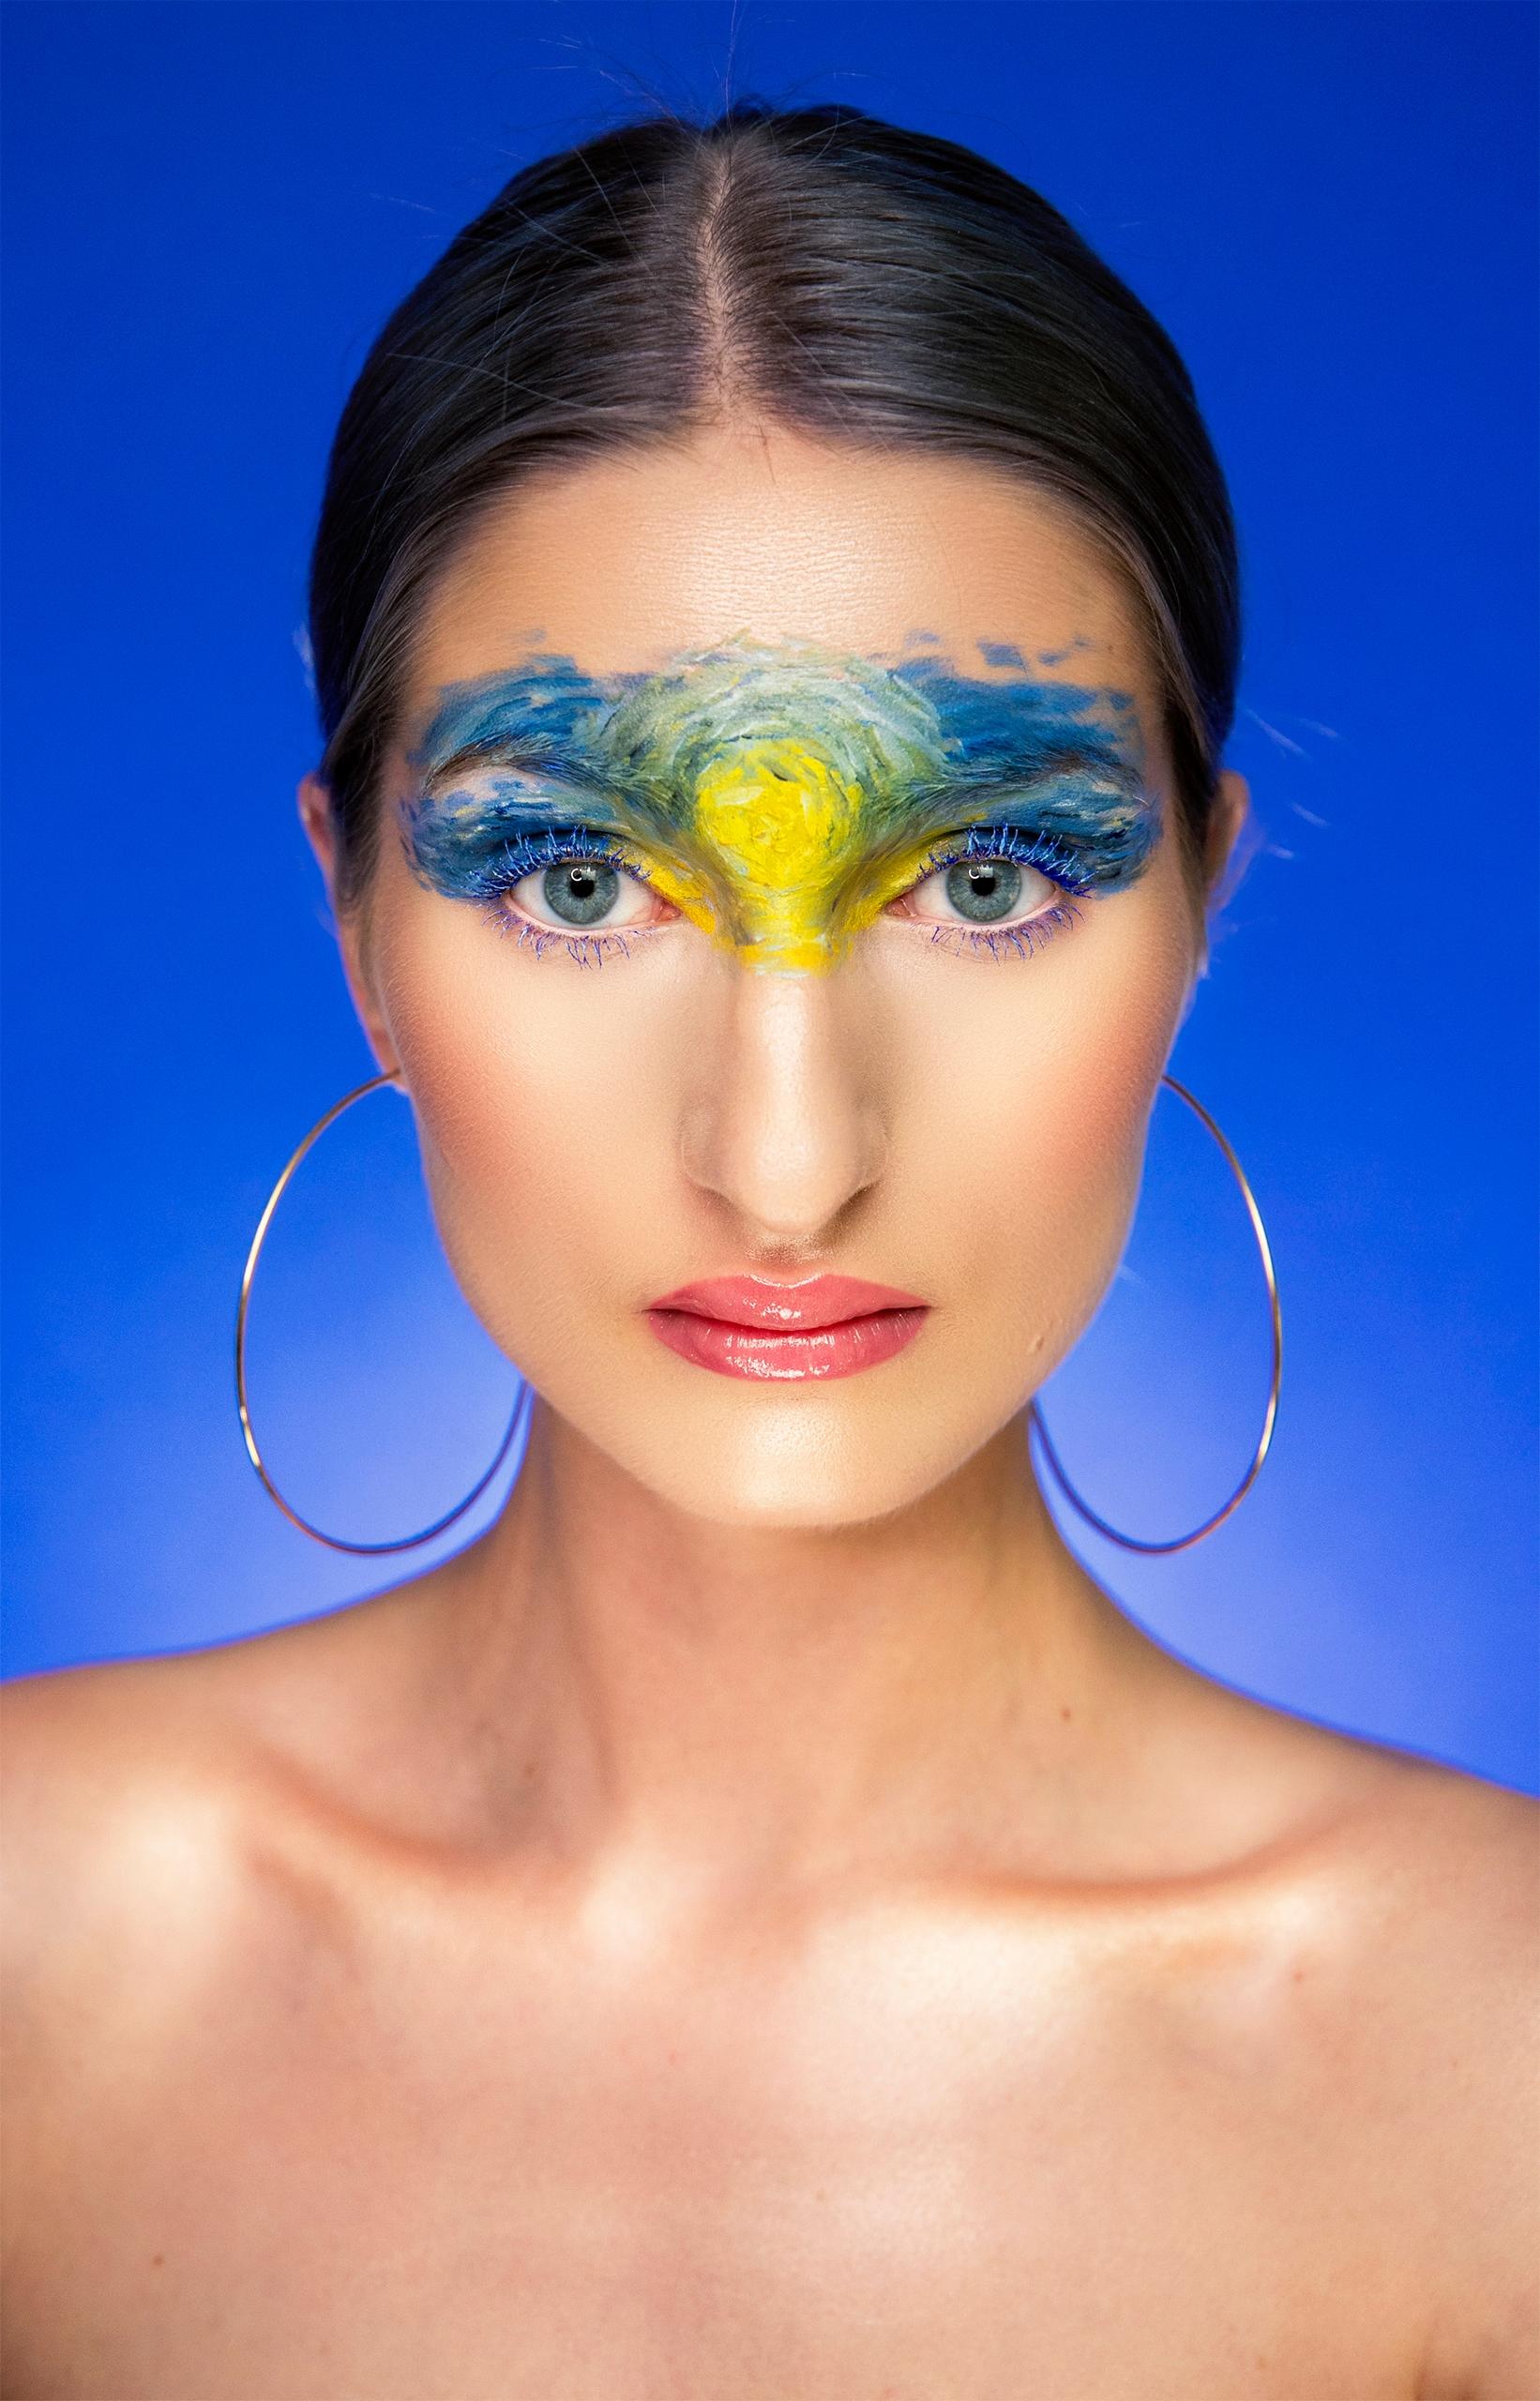 Fotografia przedstawia portret kobiety w artystycznym makijażu na niebieskim tle. Kobieta ma związane włosy i lekko pochyloną głowę.